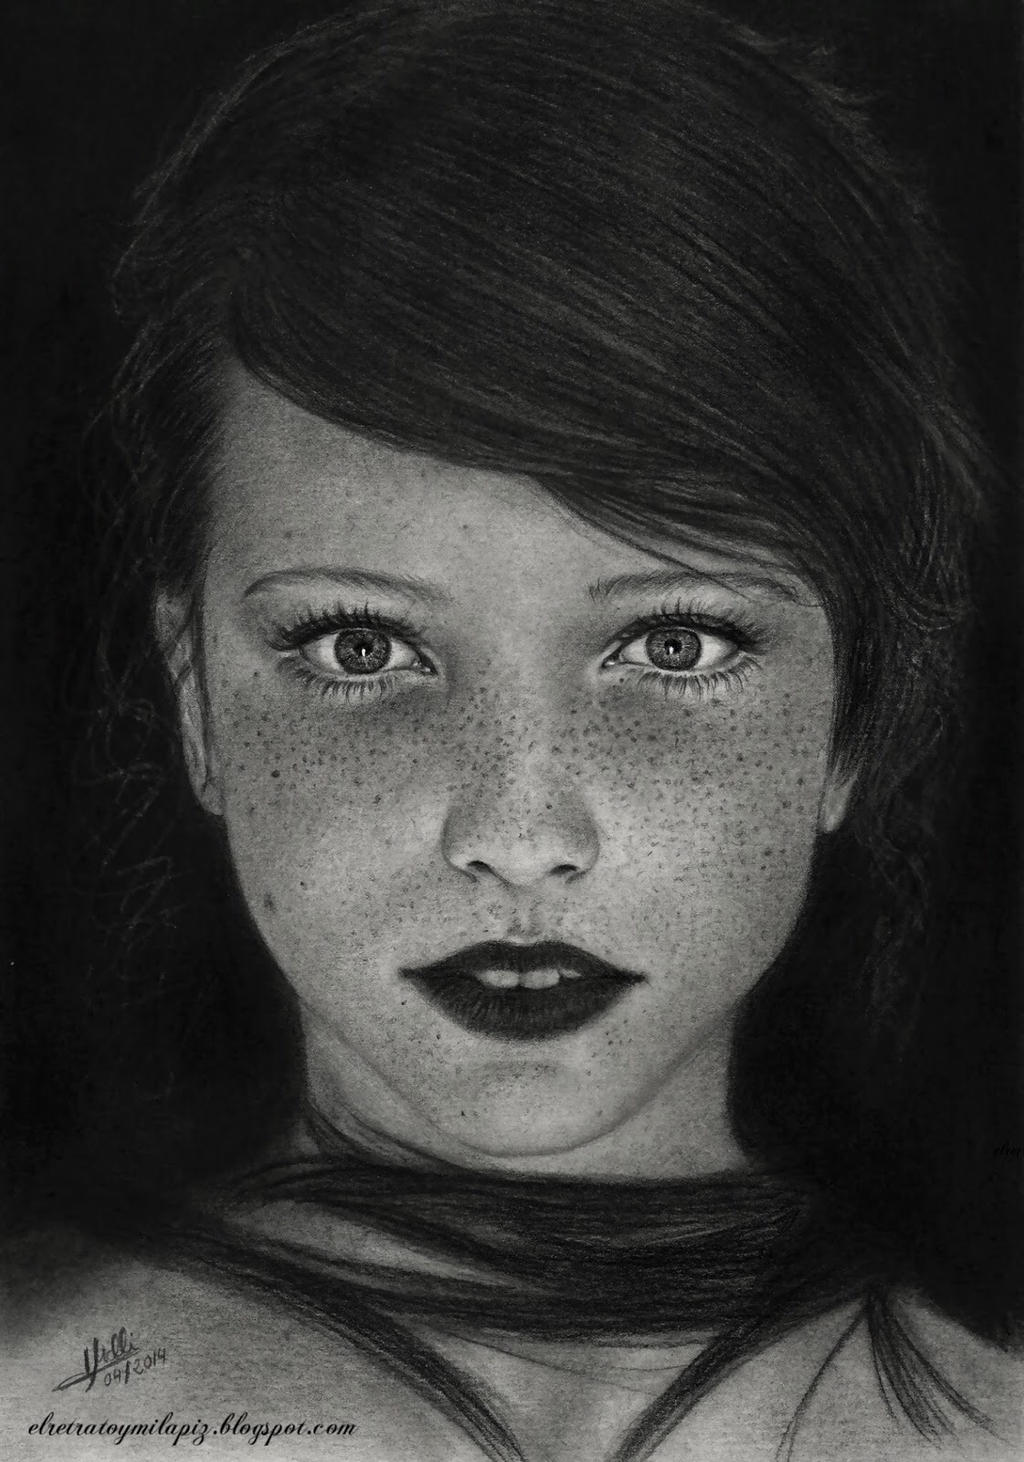 Freckled 2 by iSaBeL-MR